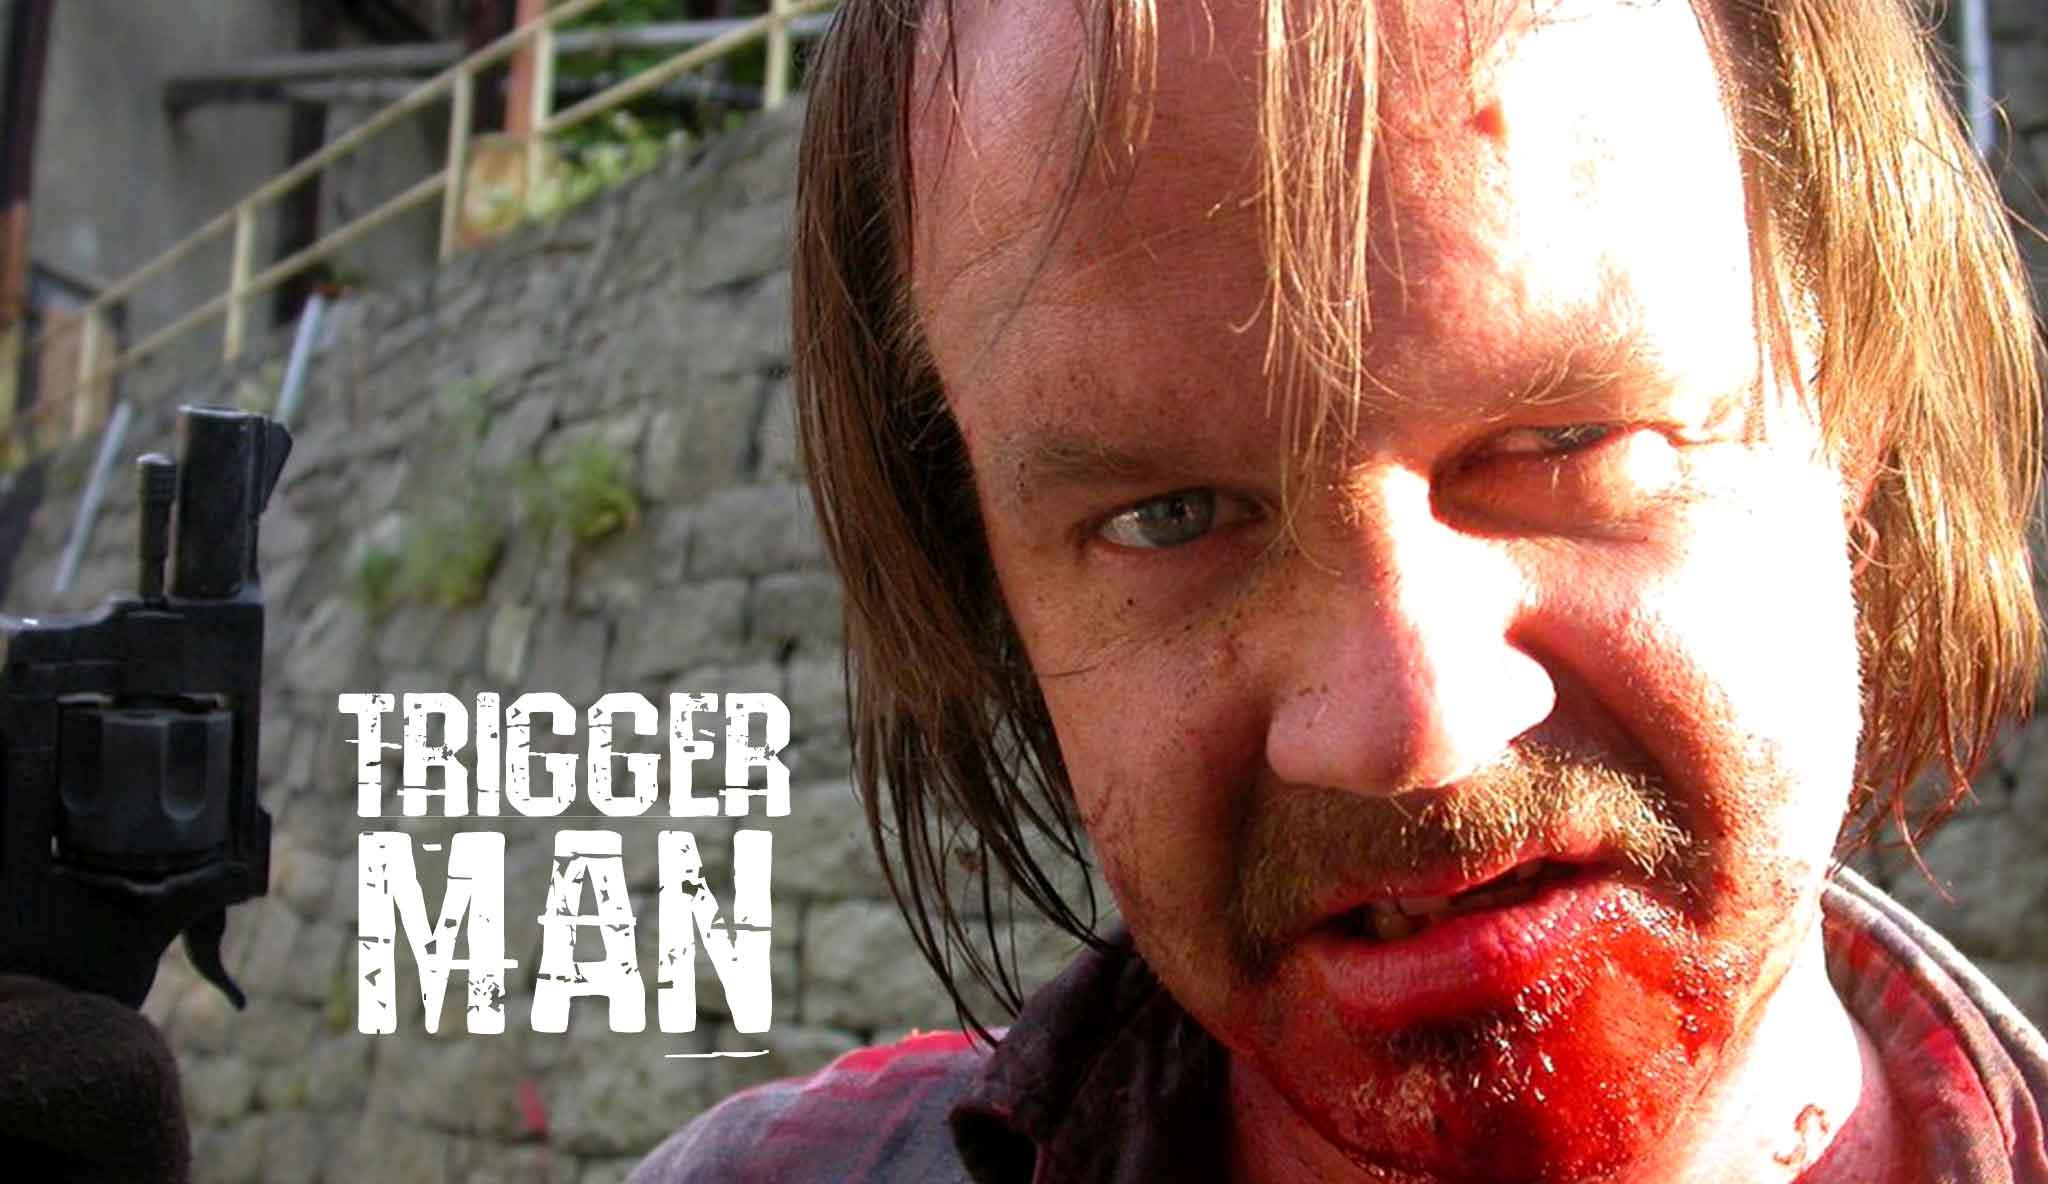 trigger-man\header.jpg